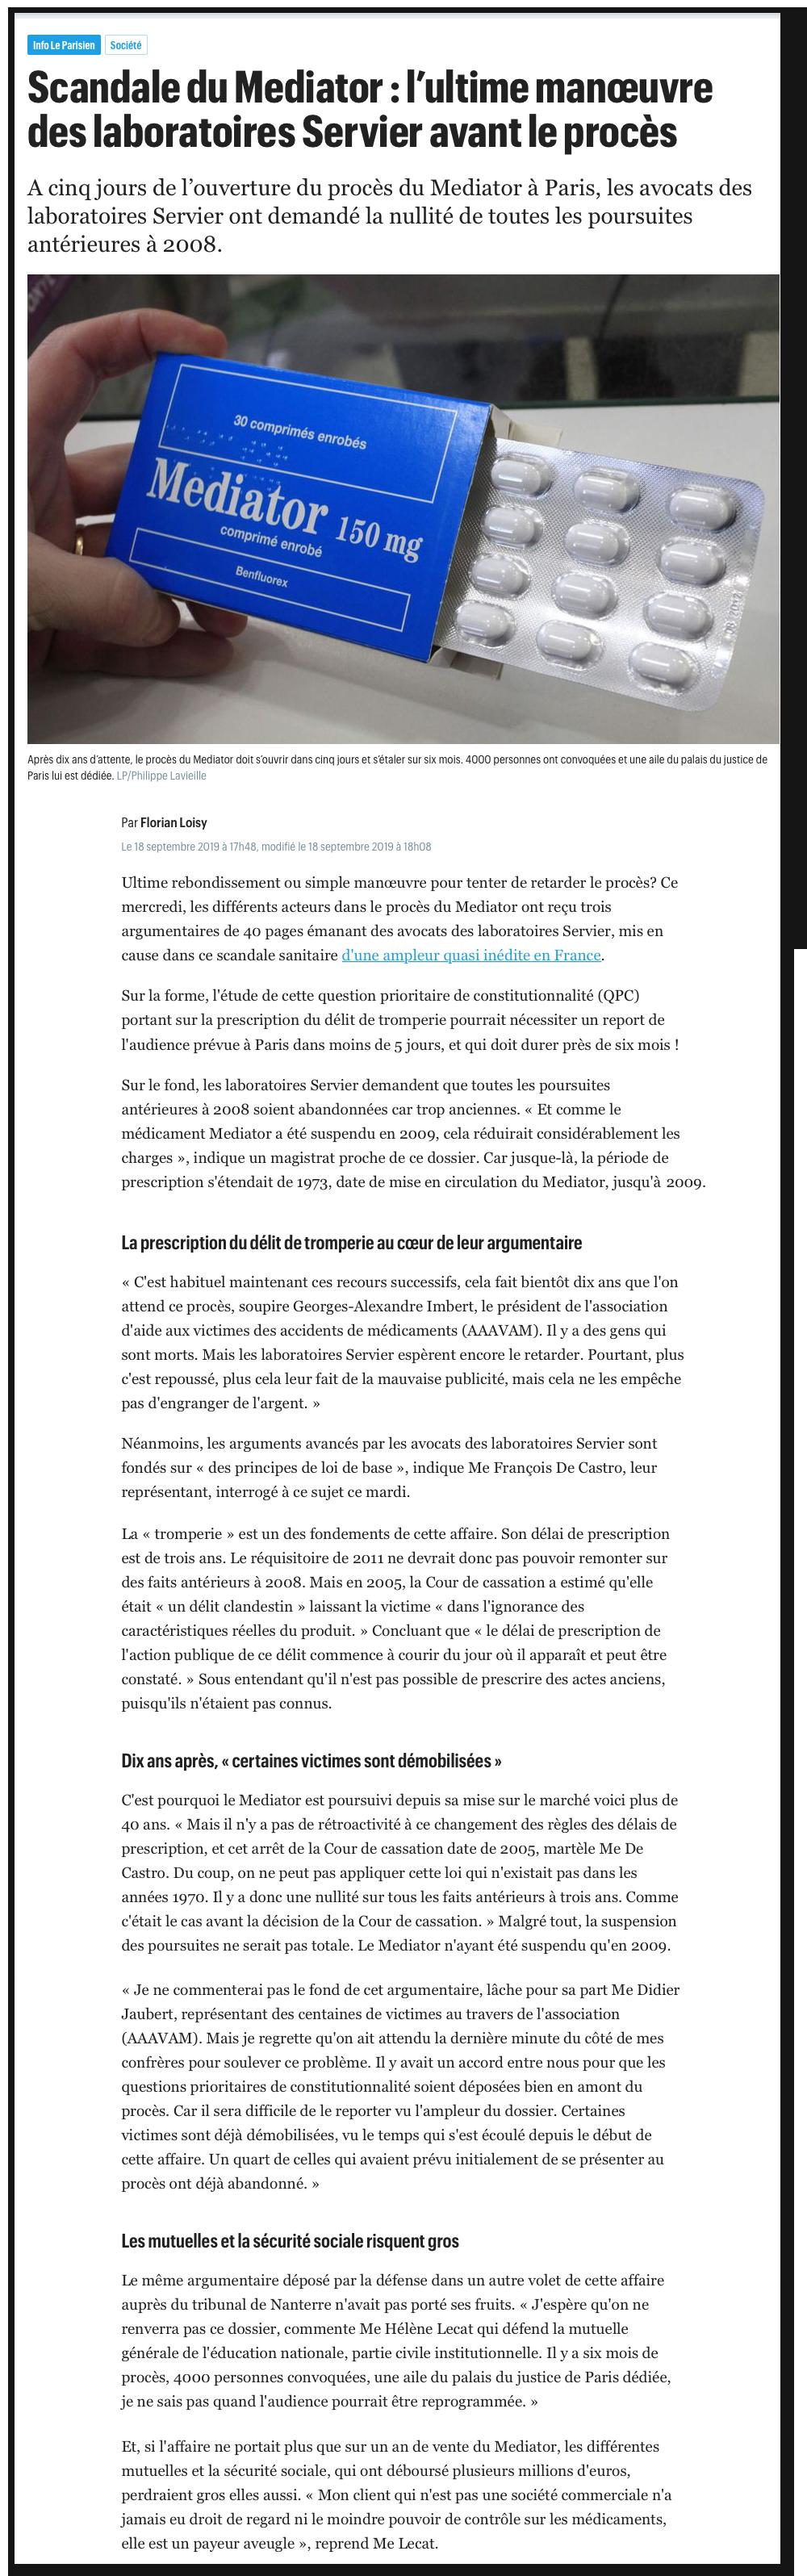 Le Parisien : Scandale du Médiator